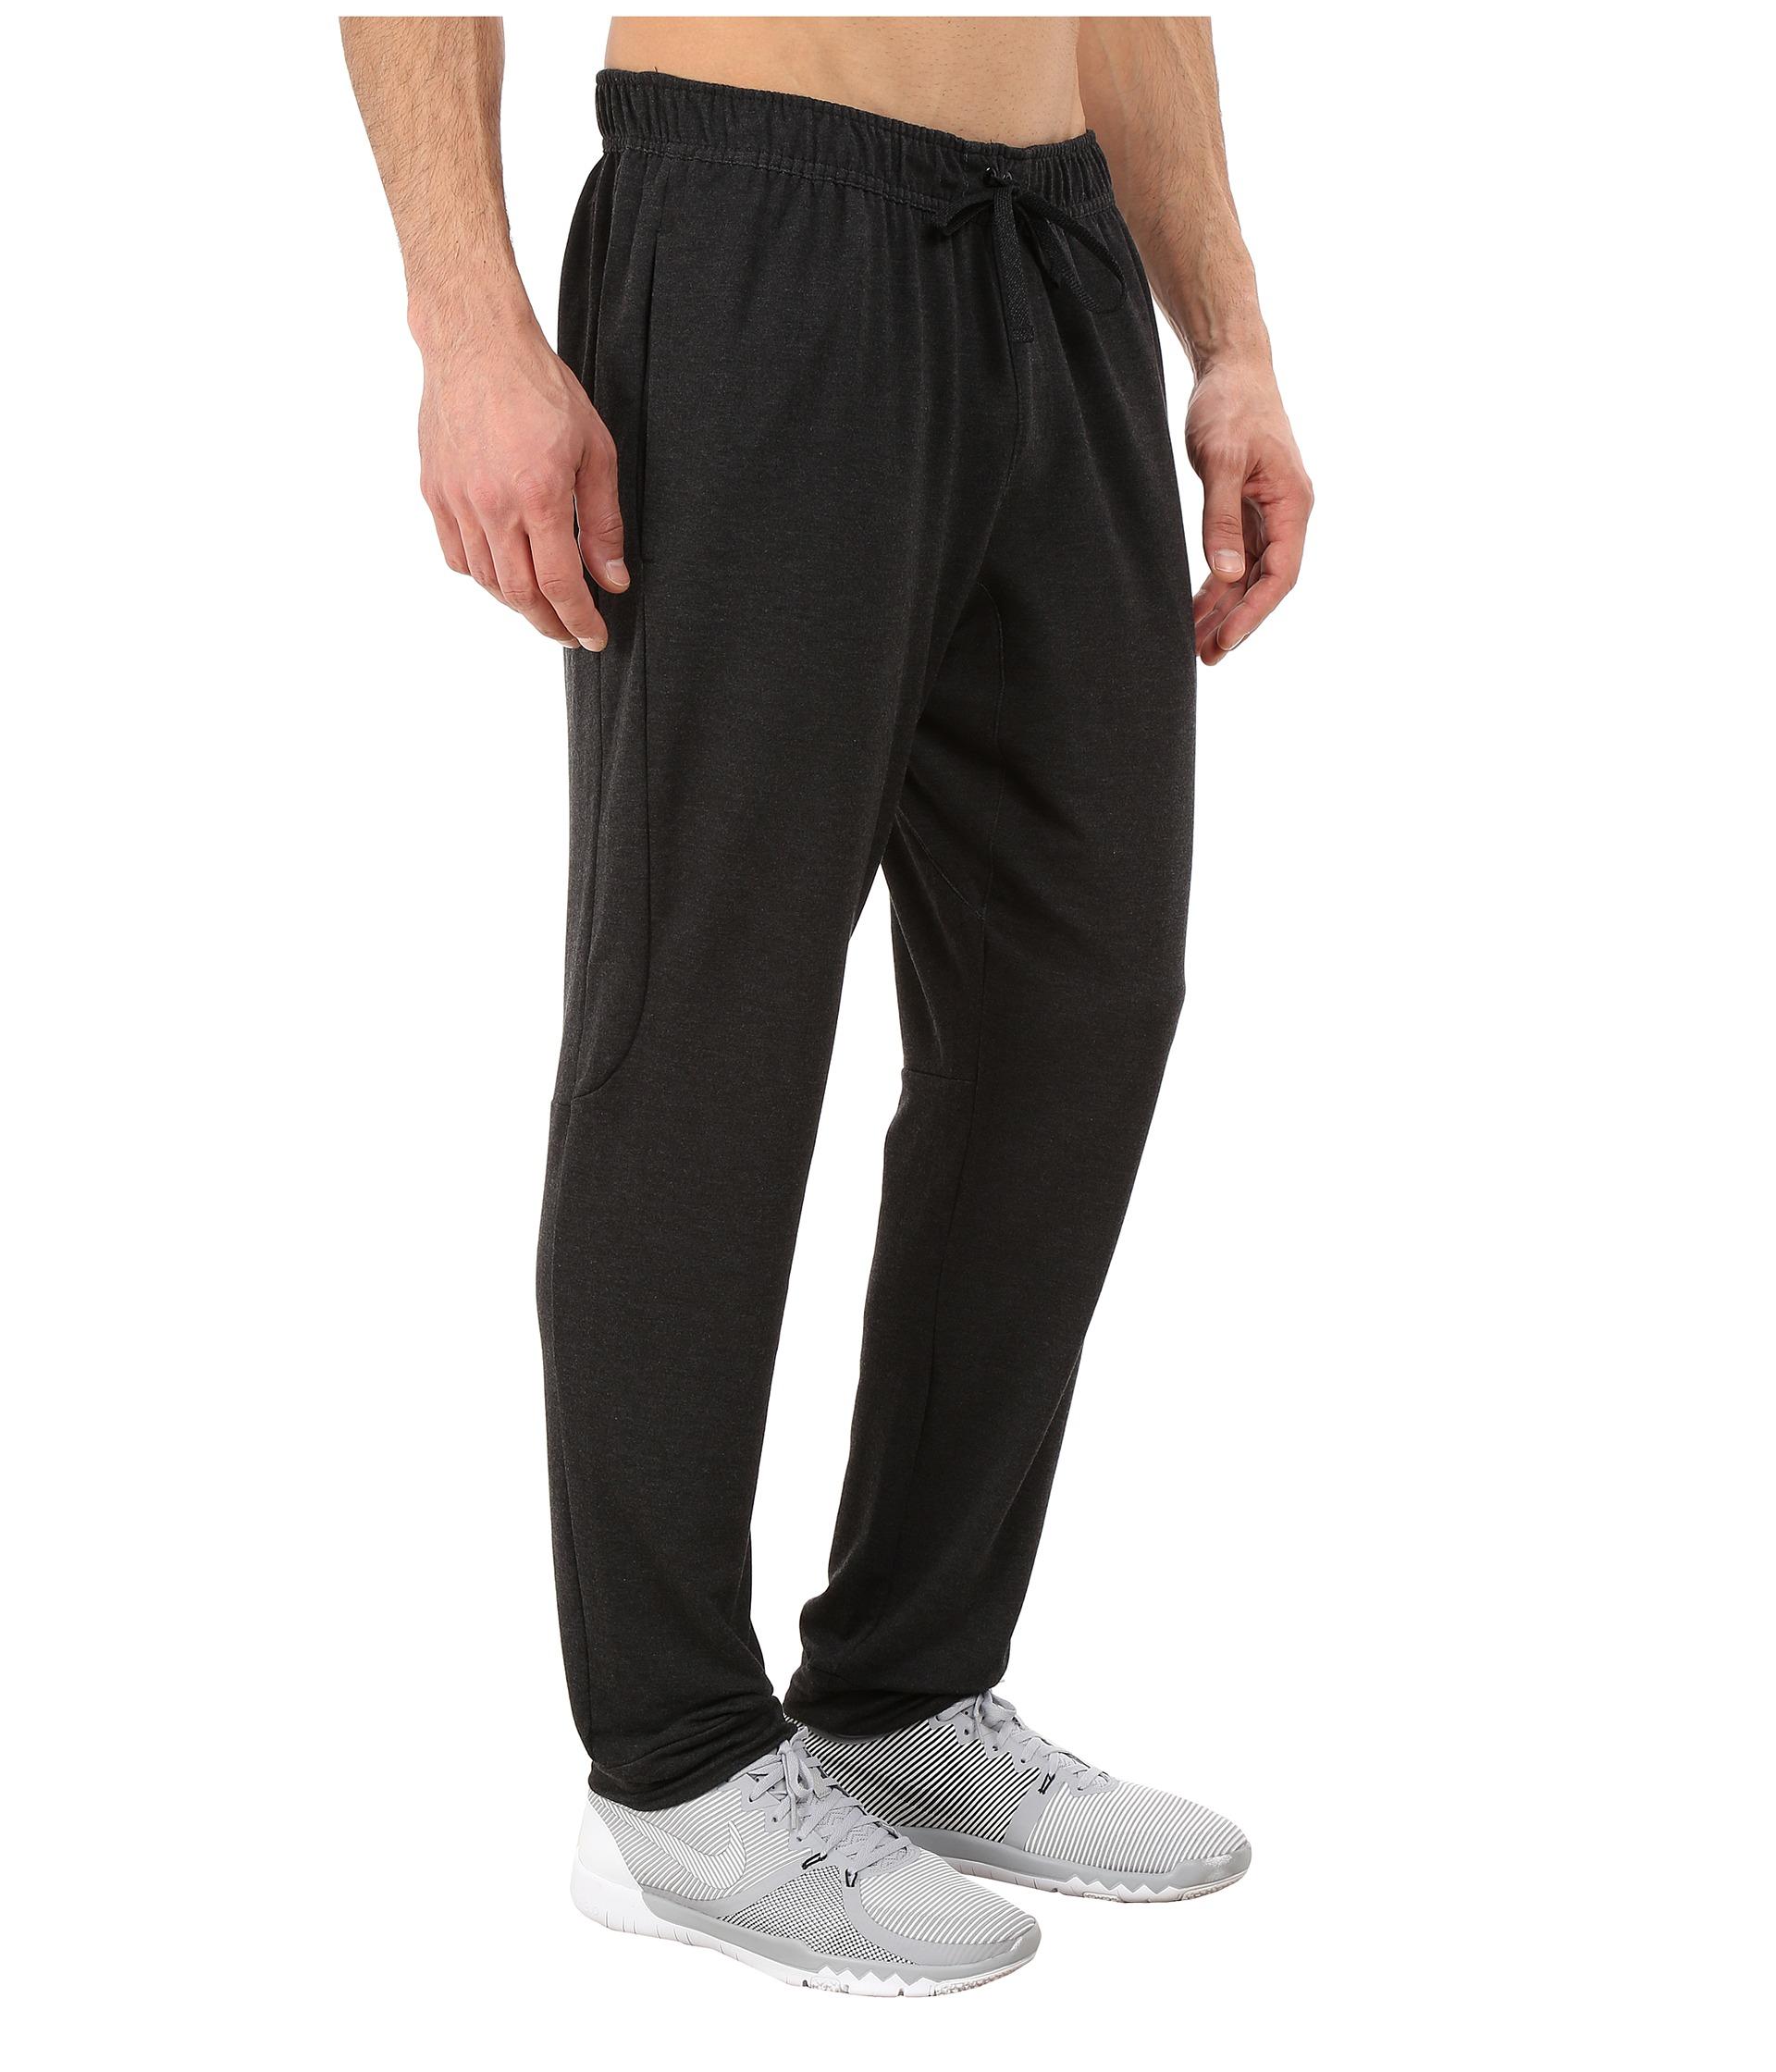 eff7c9a87006 Lyst - Nike Dri-fit™ Touch Fleece Pants in Black for Men